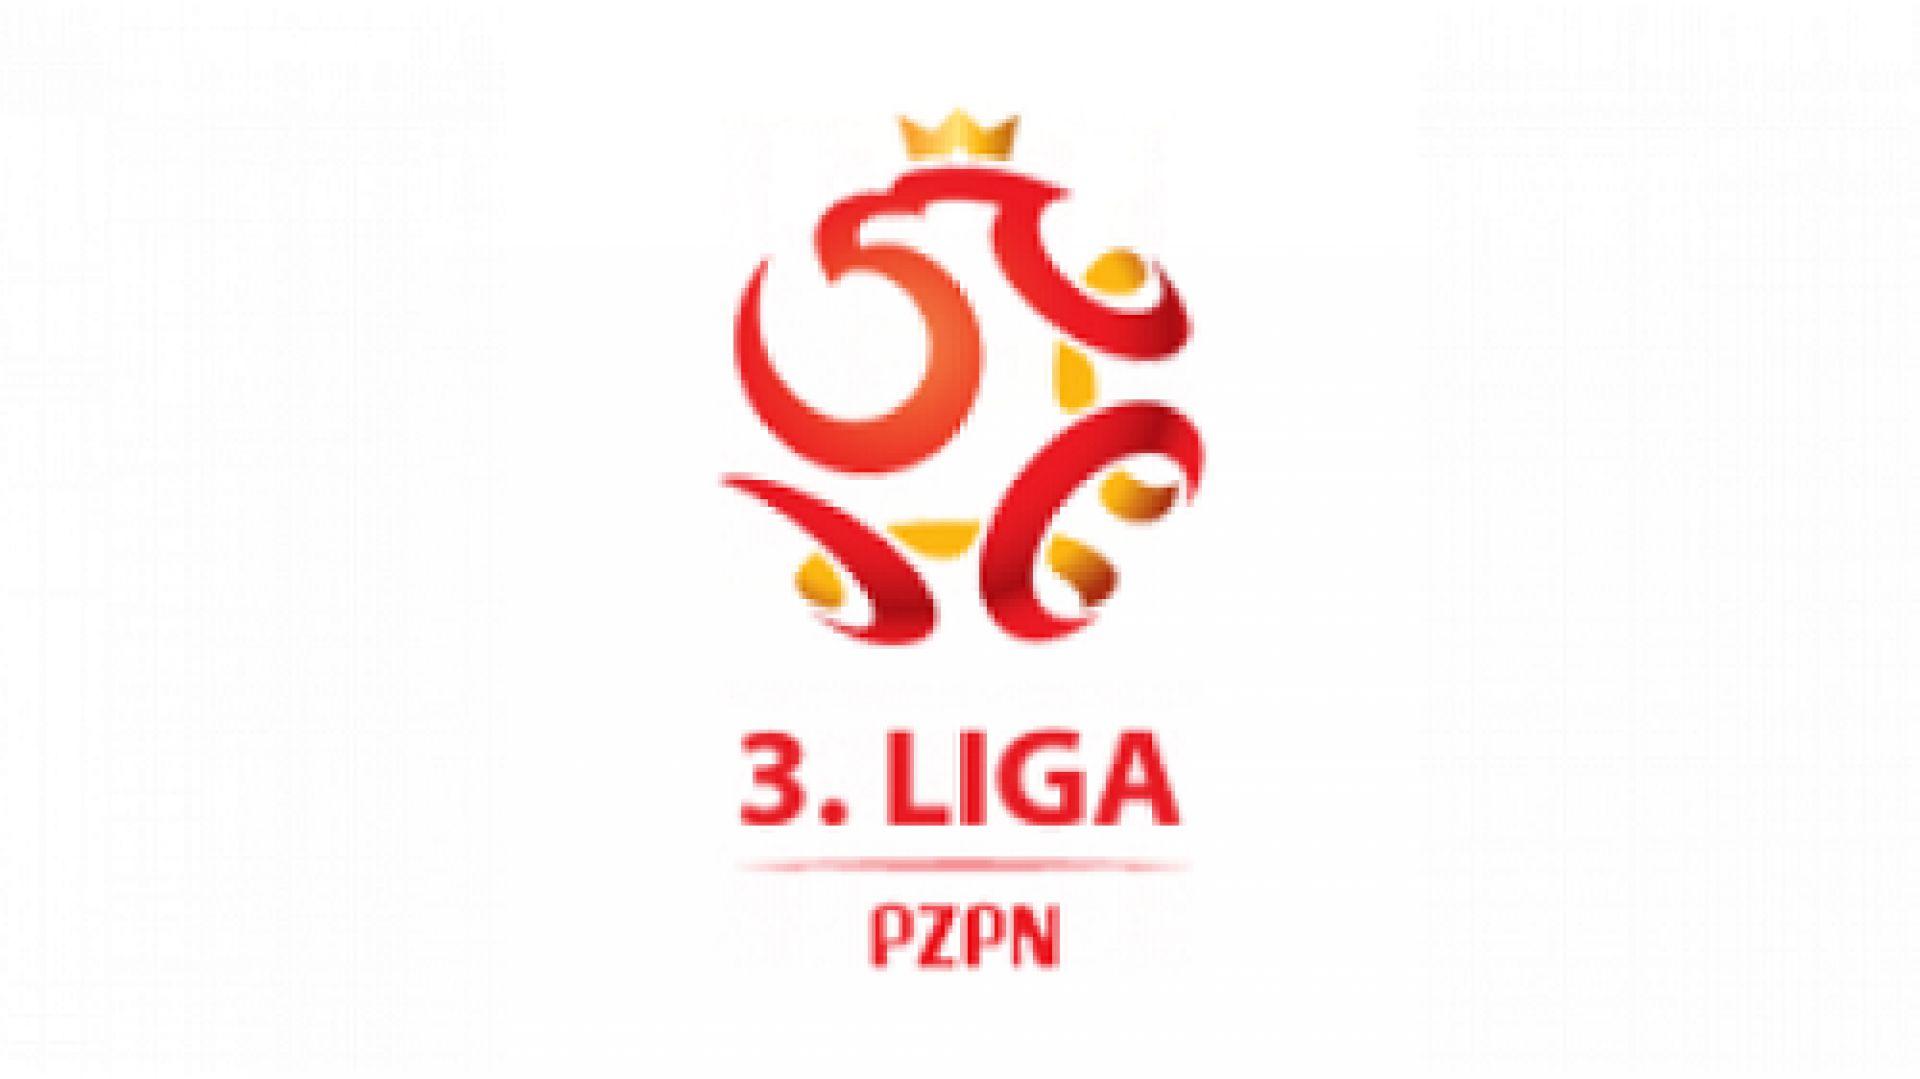 3. ligs